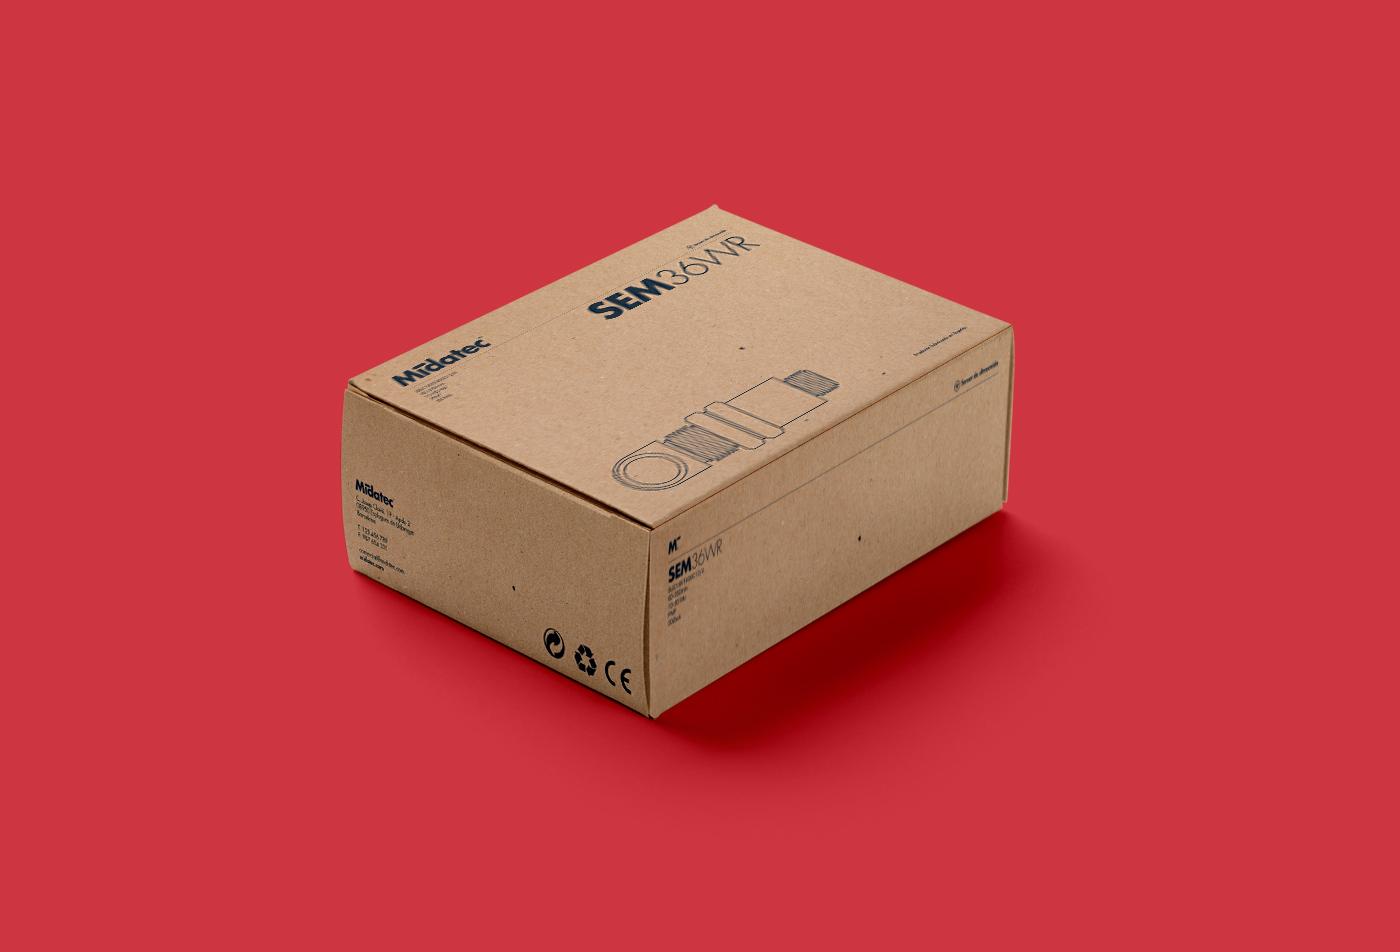 pixelarte-estudio-diseno-grafico-packaging-para-Midatec-002